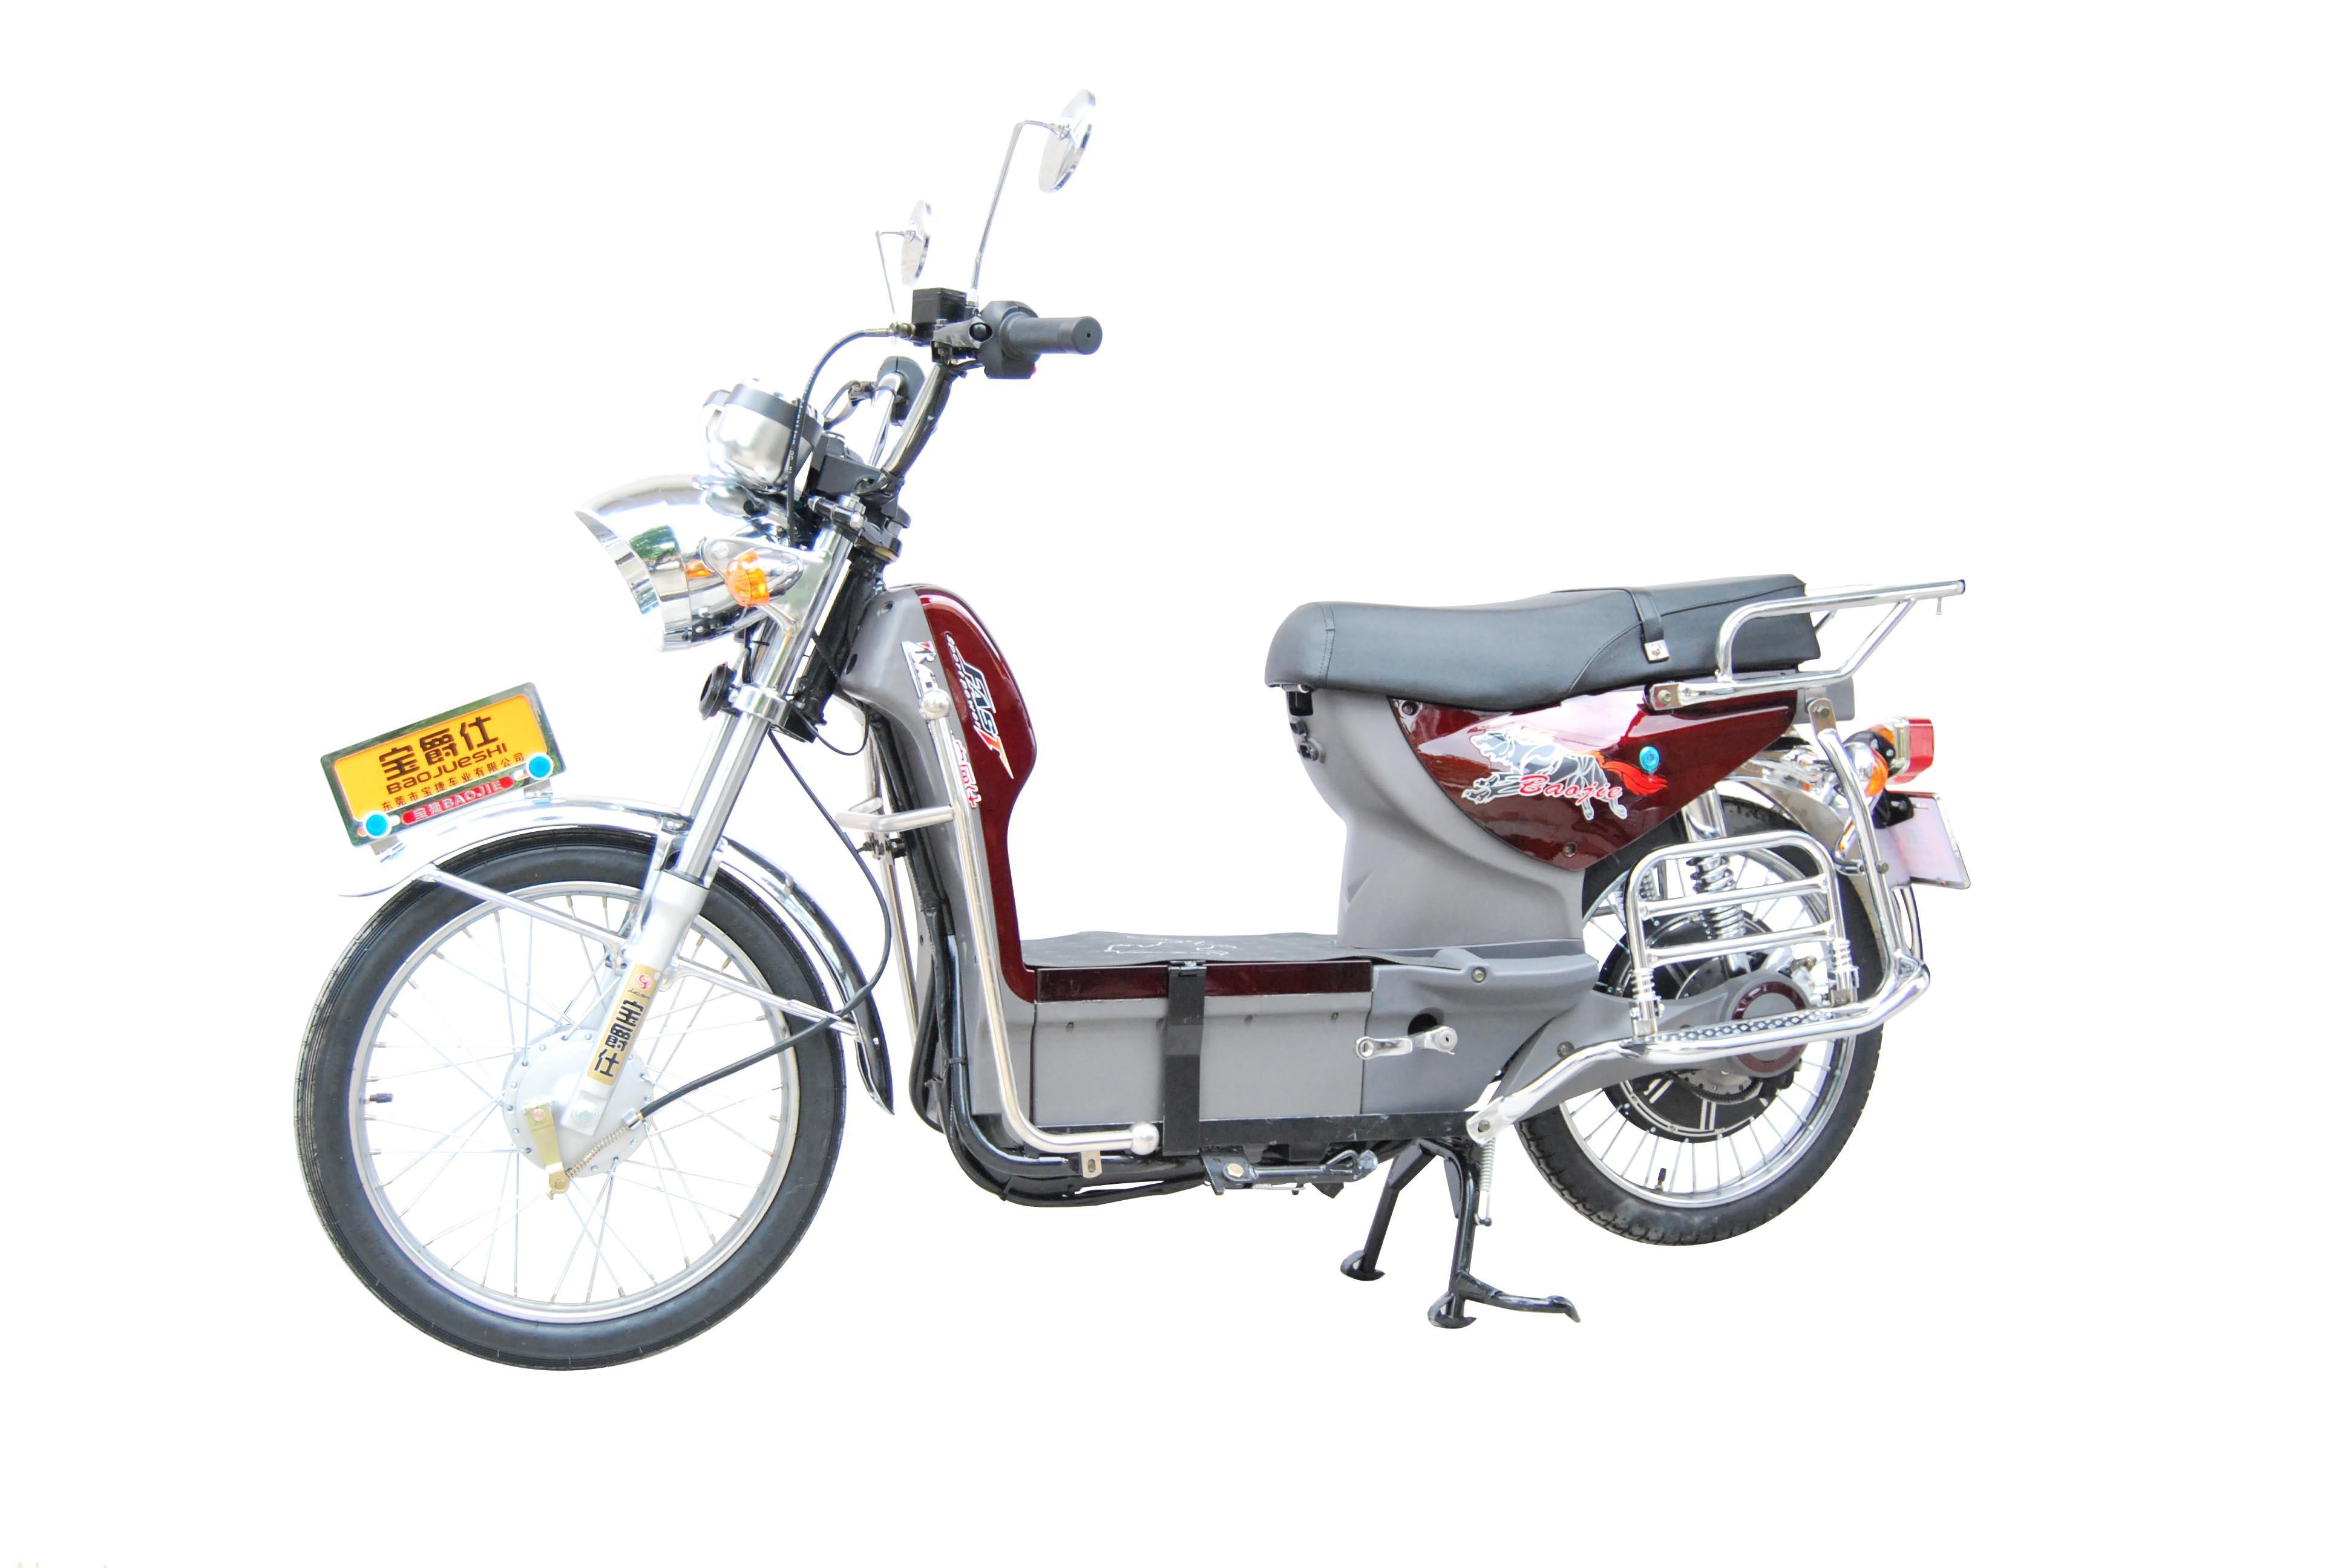 路虎电动车价格及图片 路虎自行车价格及图片 路虎价格及图片图片